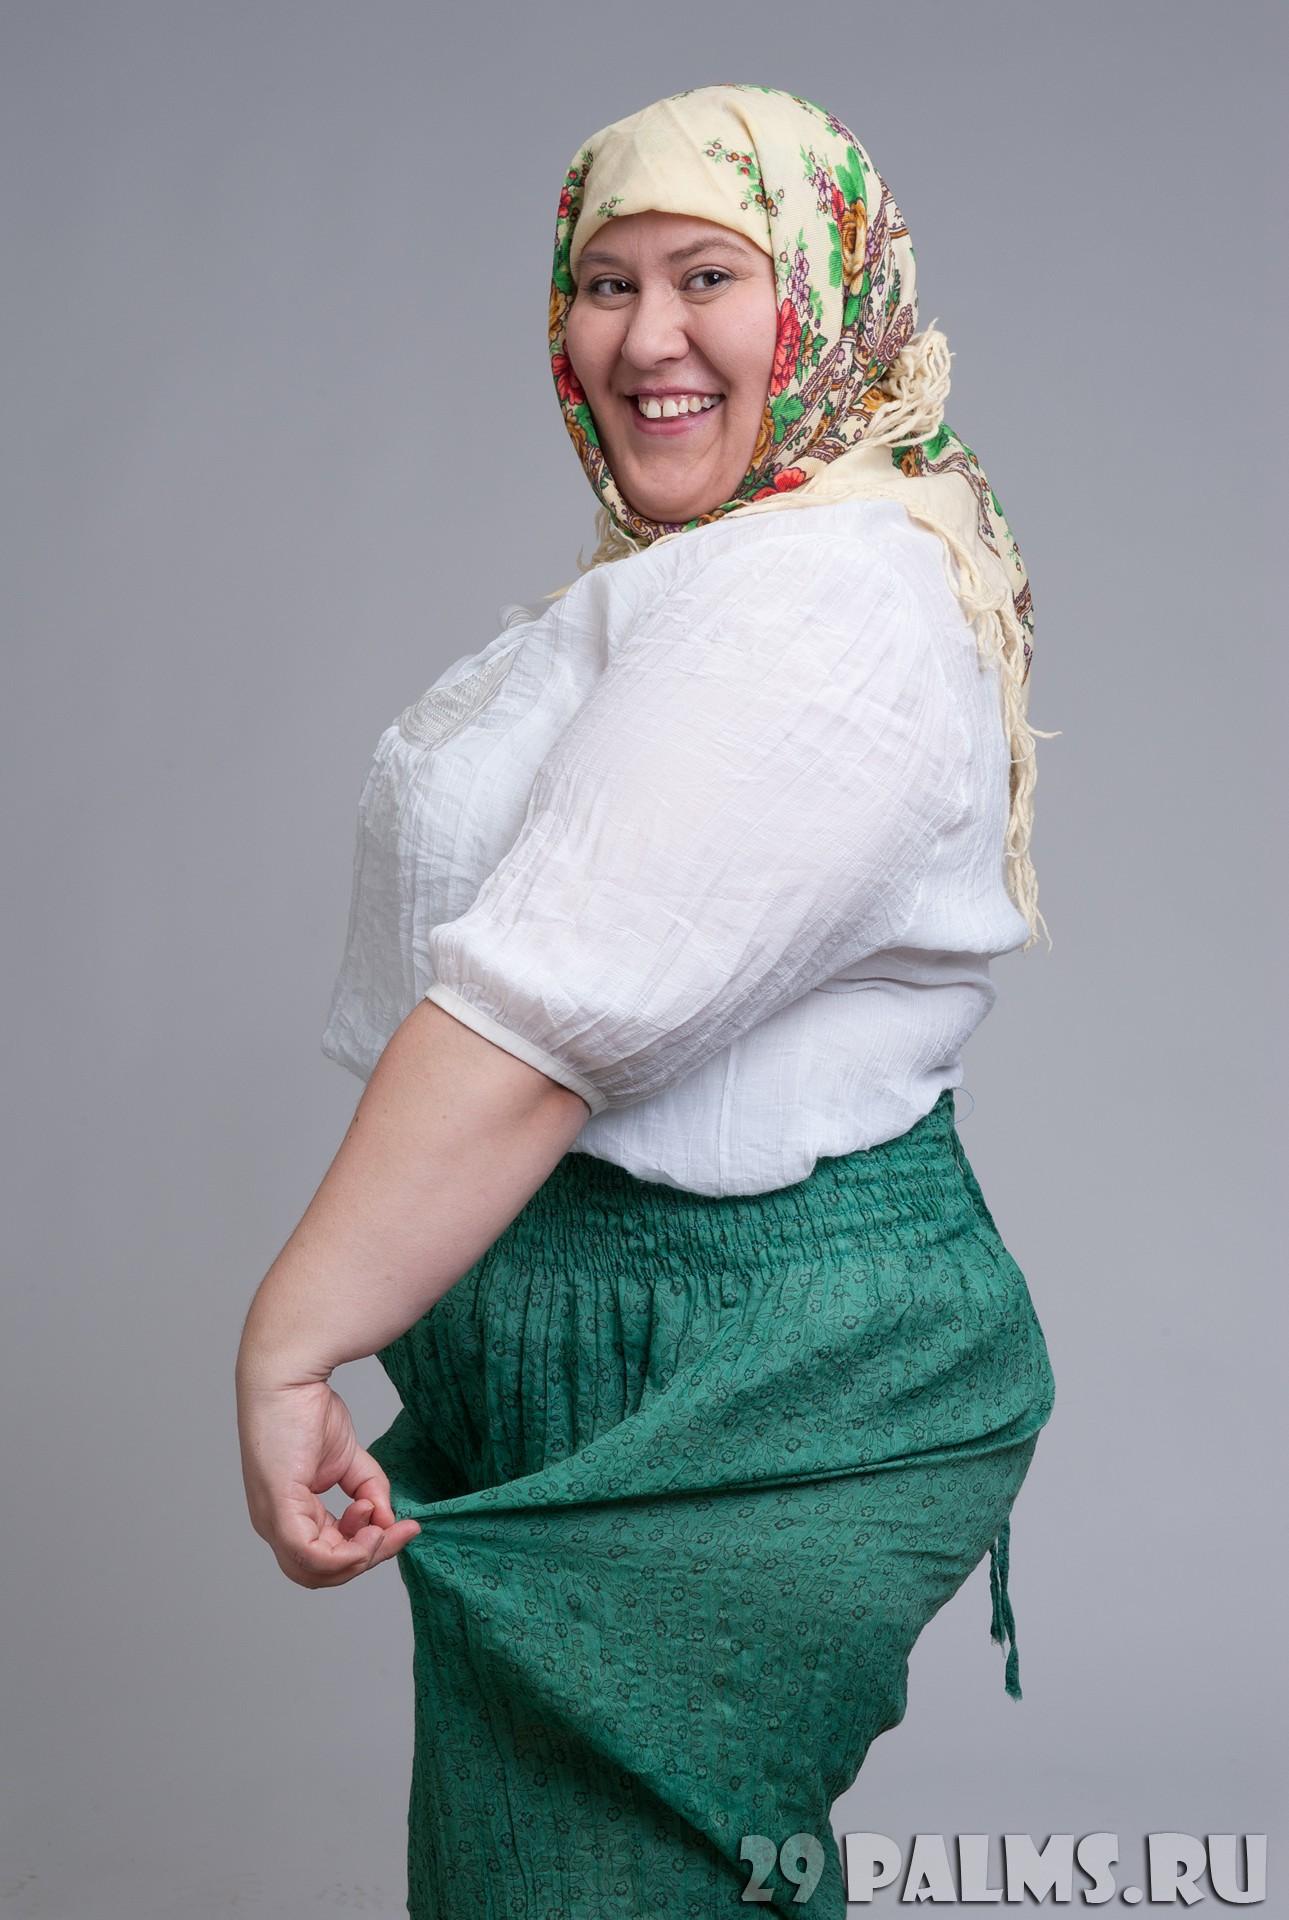 Простая русская женщина 22 фотография